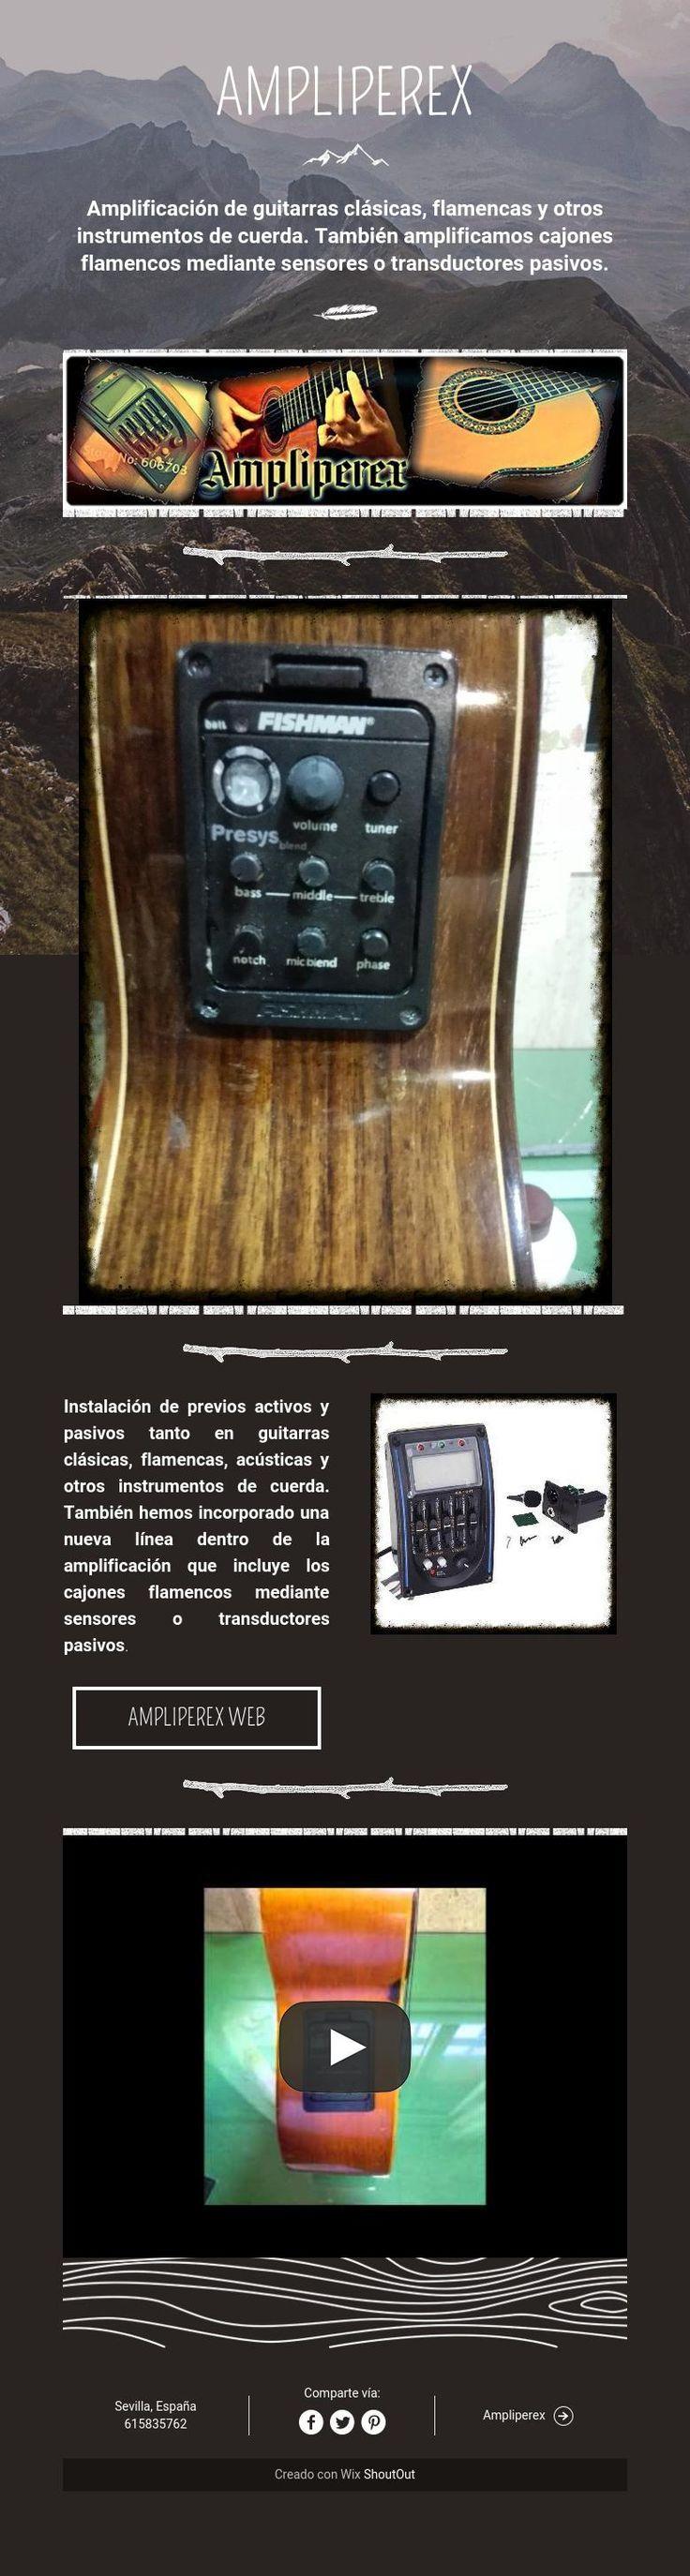 Amplificación de guitarras y otros instrumentos de cuerda